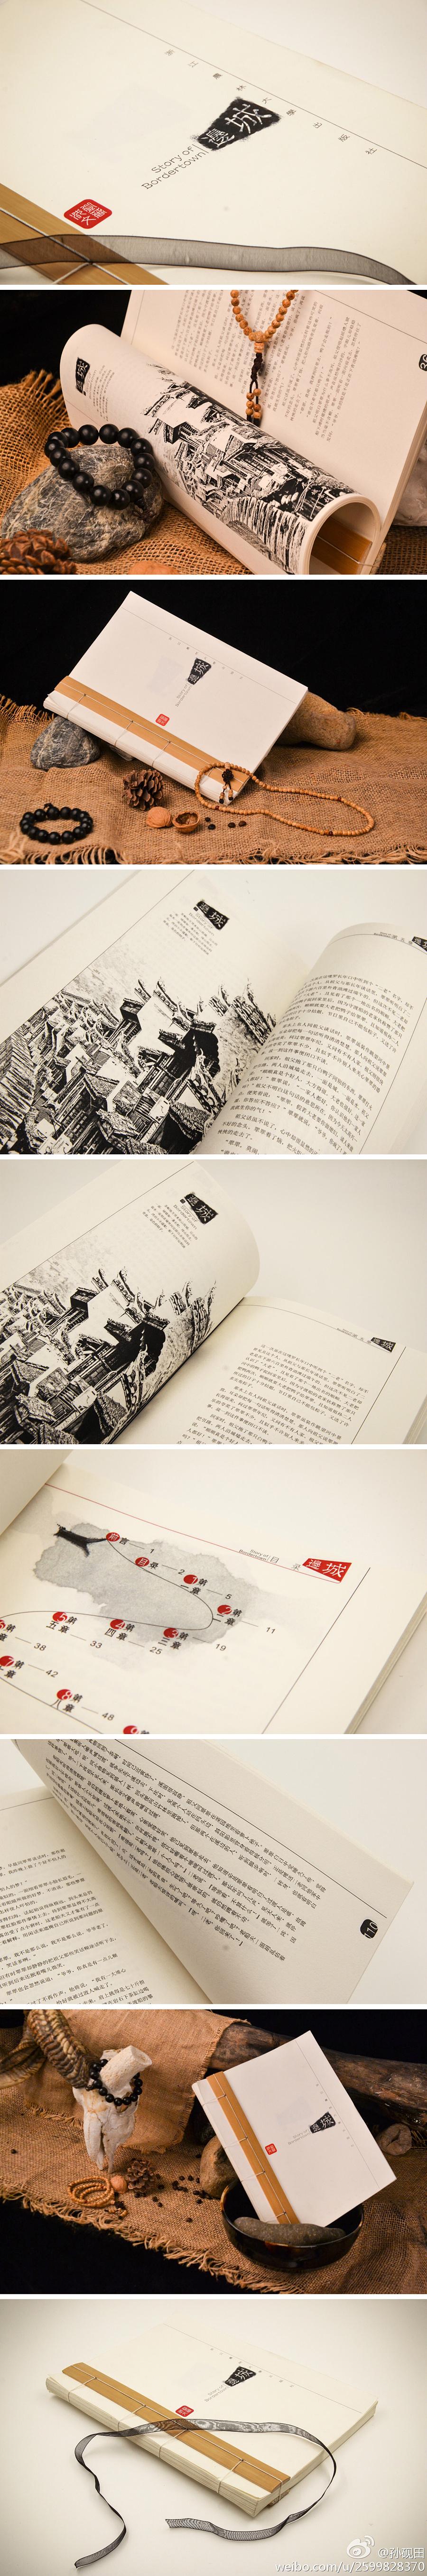 《边城》书籍设计图片